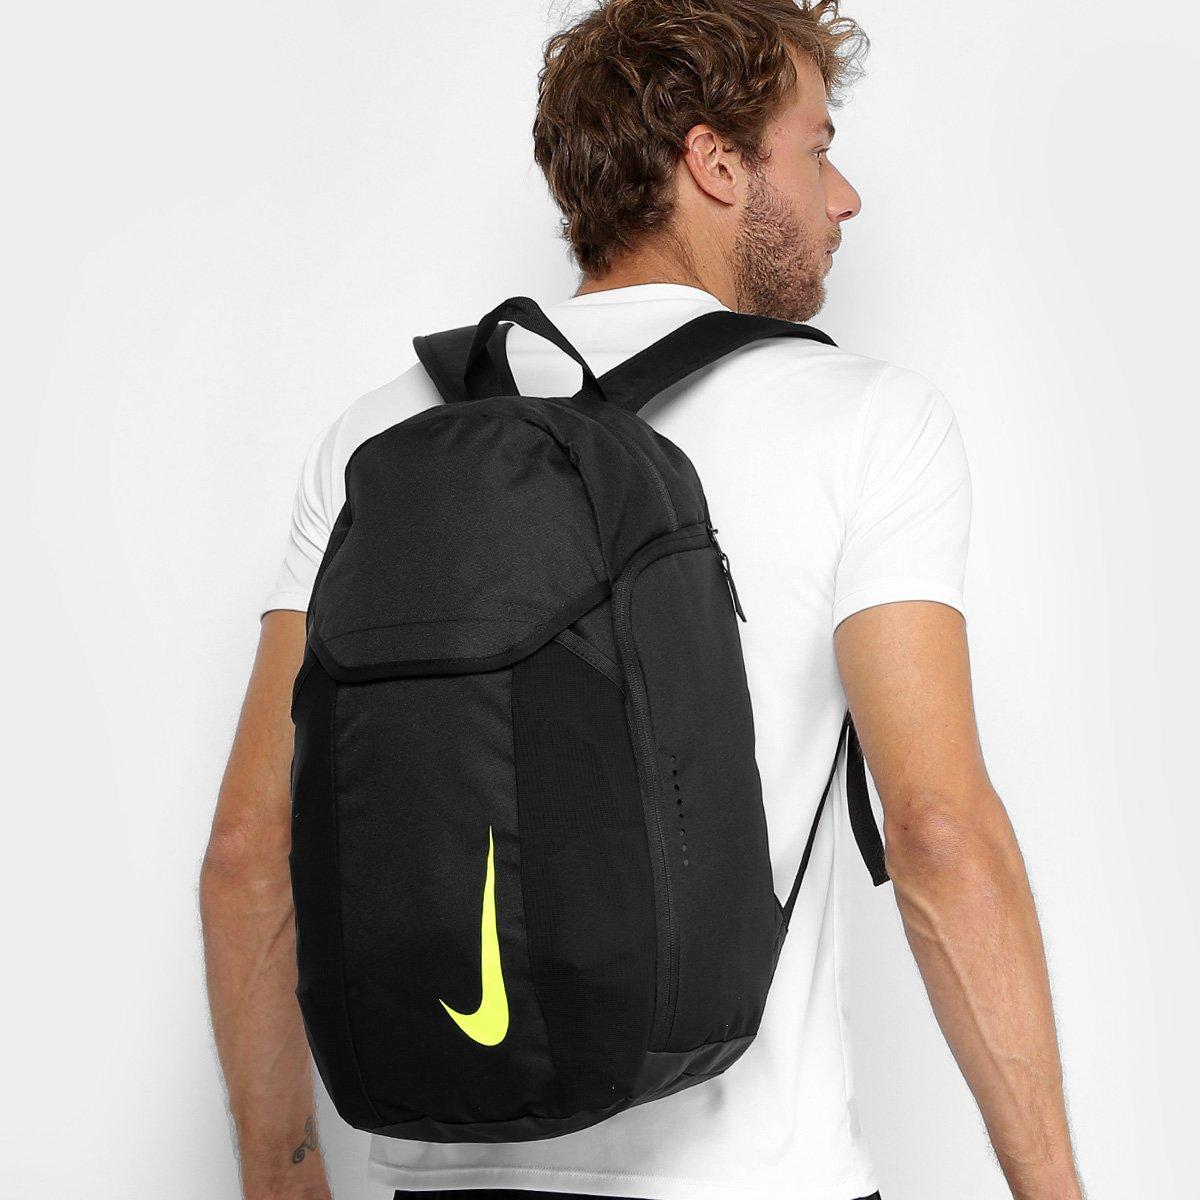 Nike Tudoazul Mochila 2 0 Academy Shopping fb67gyY